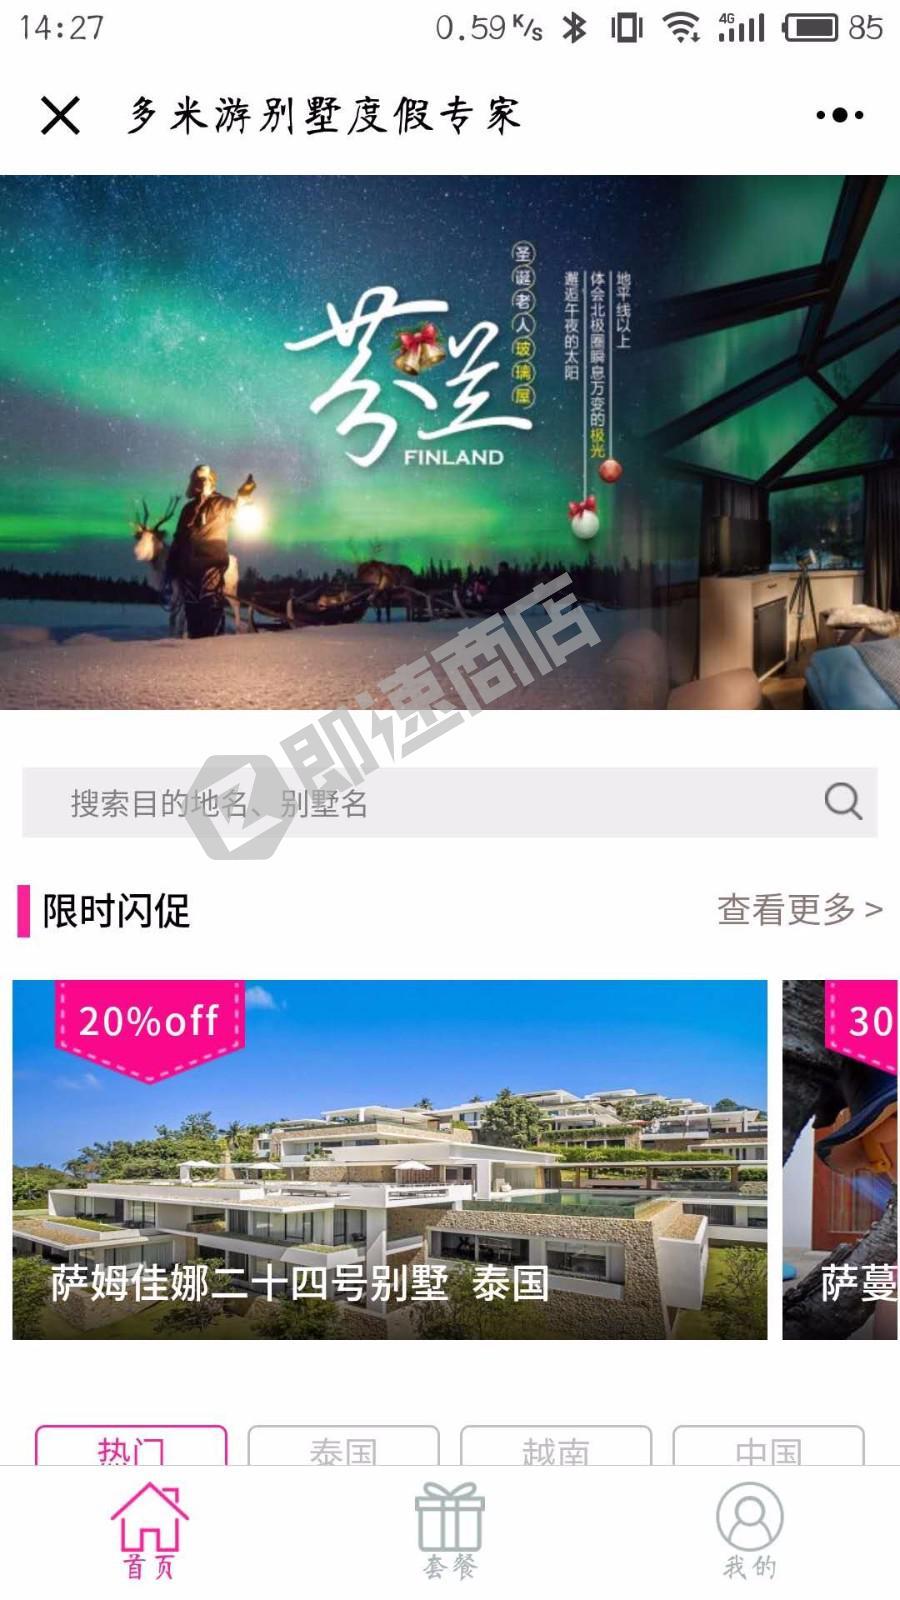 多米游高端别墅酒店主题度假定制小程序首页截图